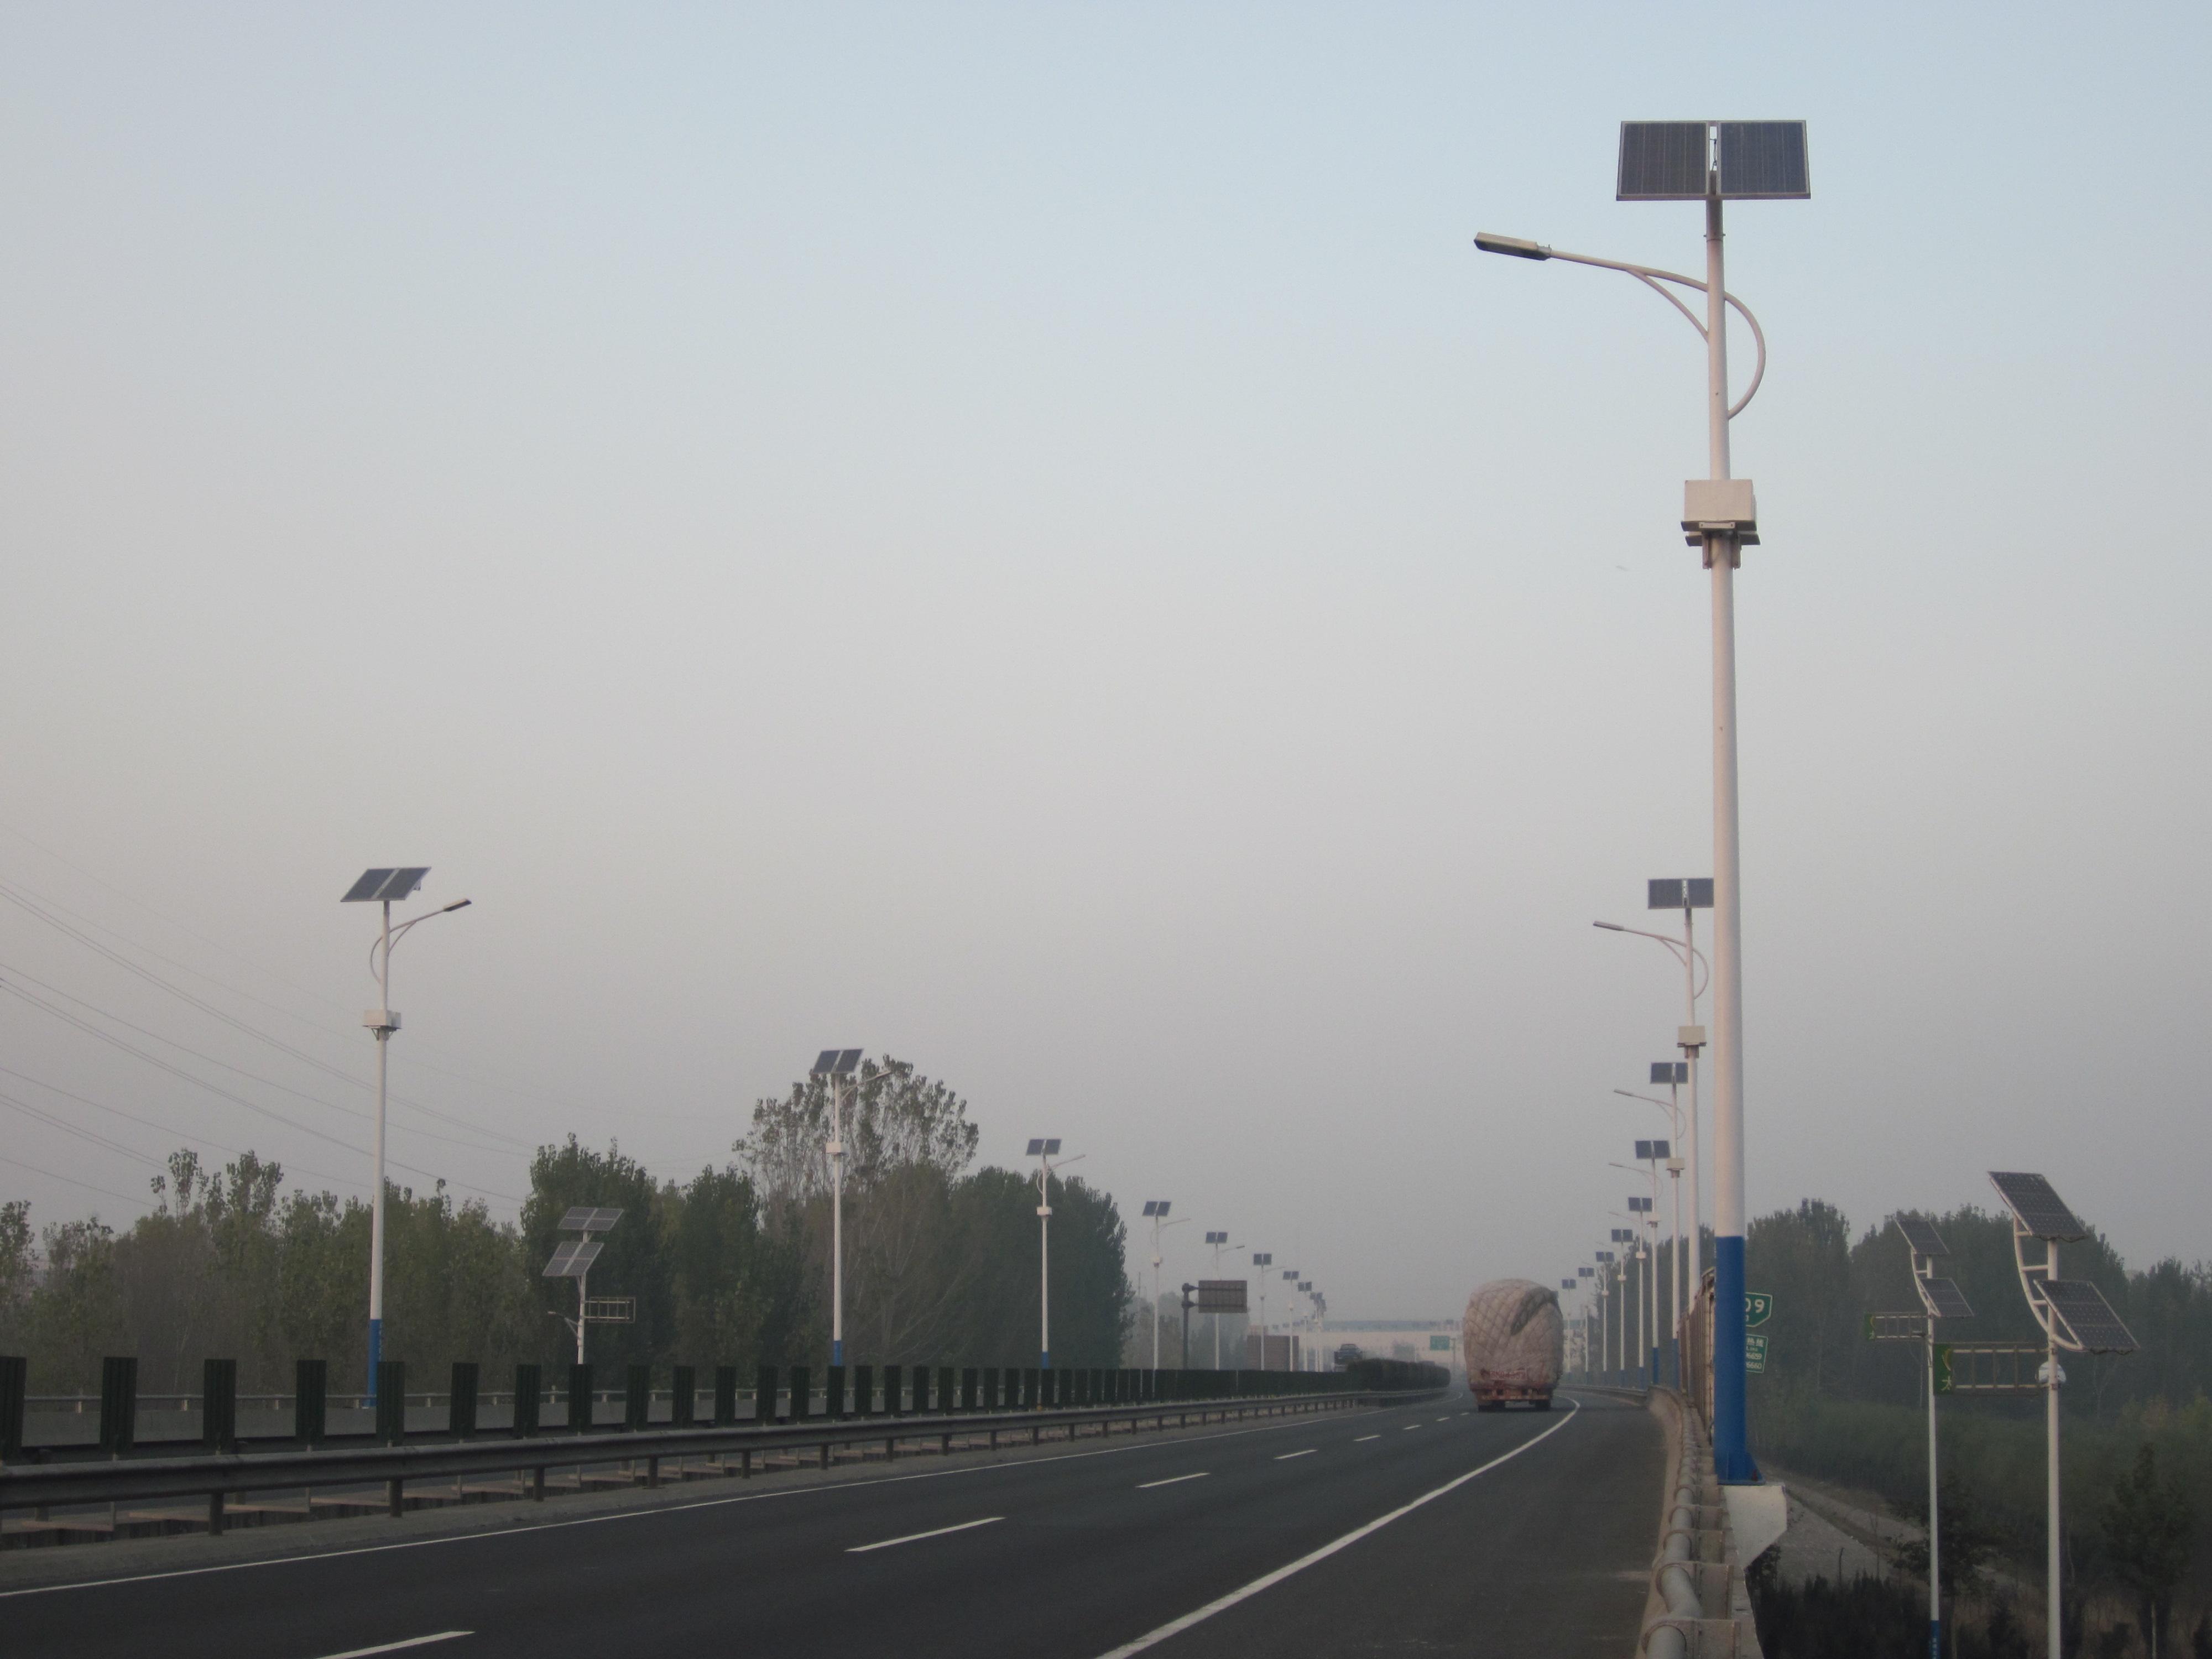 青岛大学校园路灯图